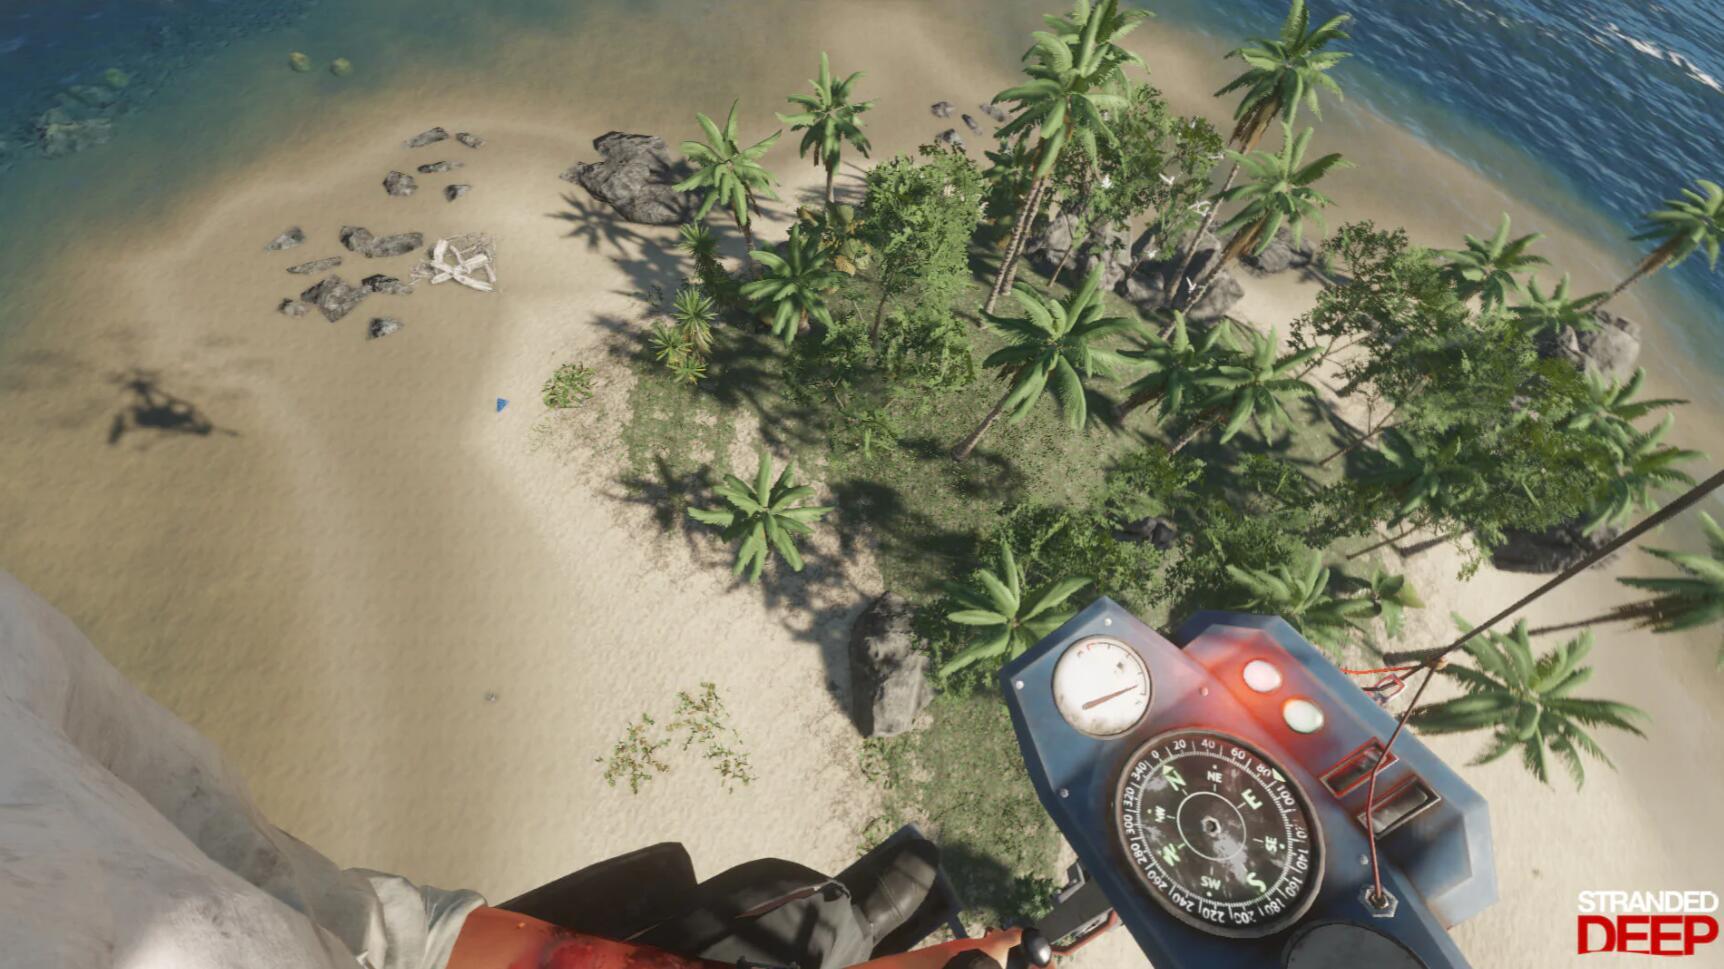 Epic每日喜加一更新 免费领取《荒岛求生》